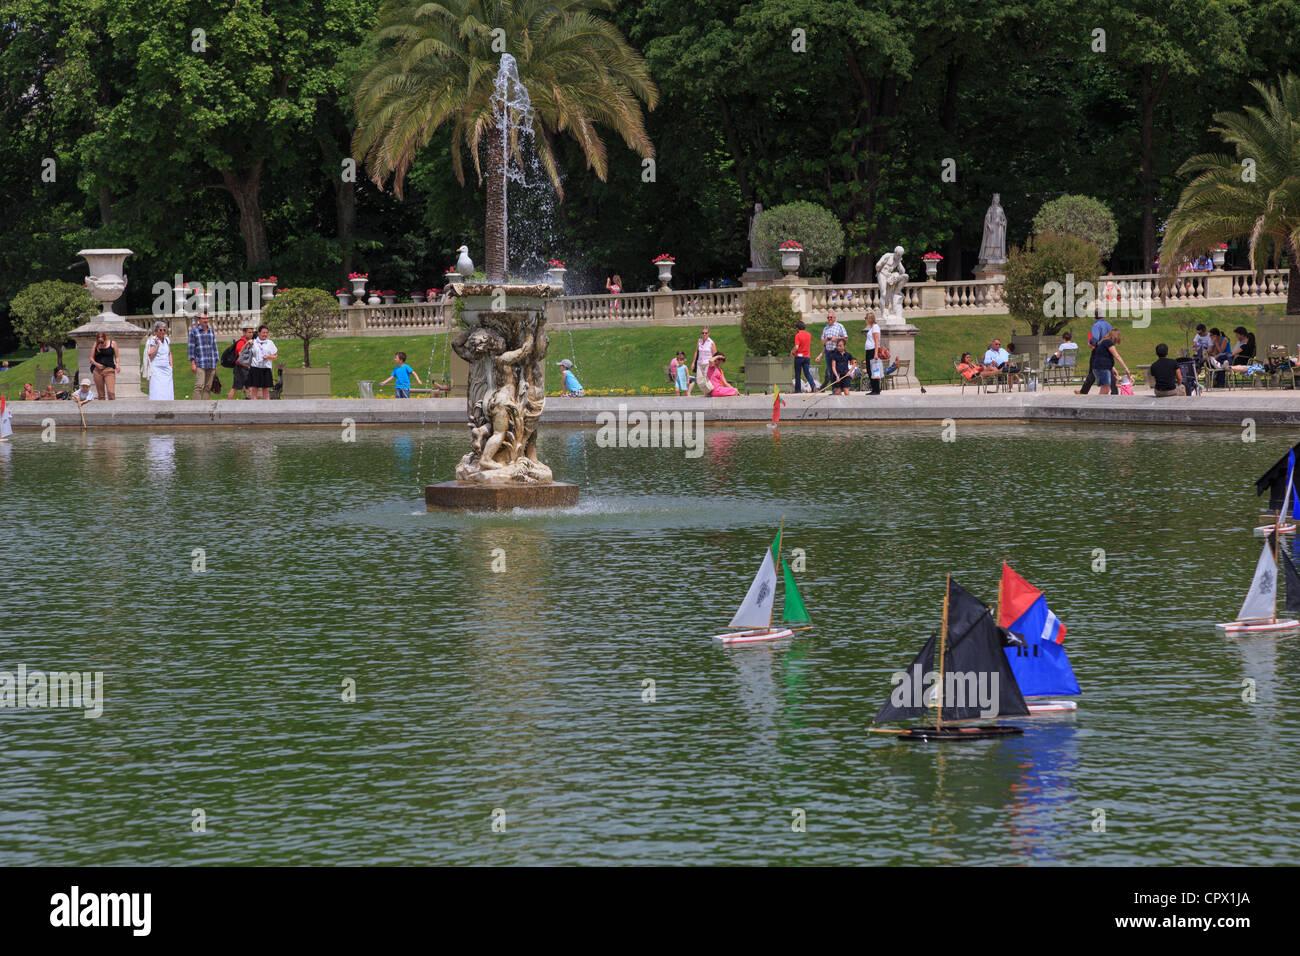 Les Jardins Du Luxembourg Paris Bateaux A Voile Modele Sur Le